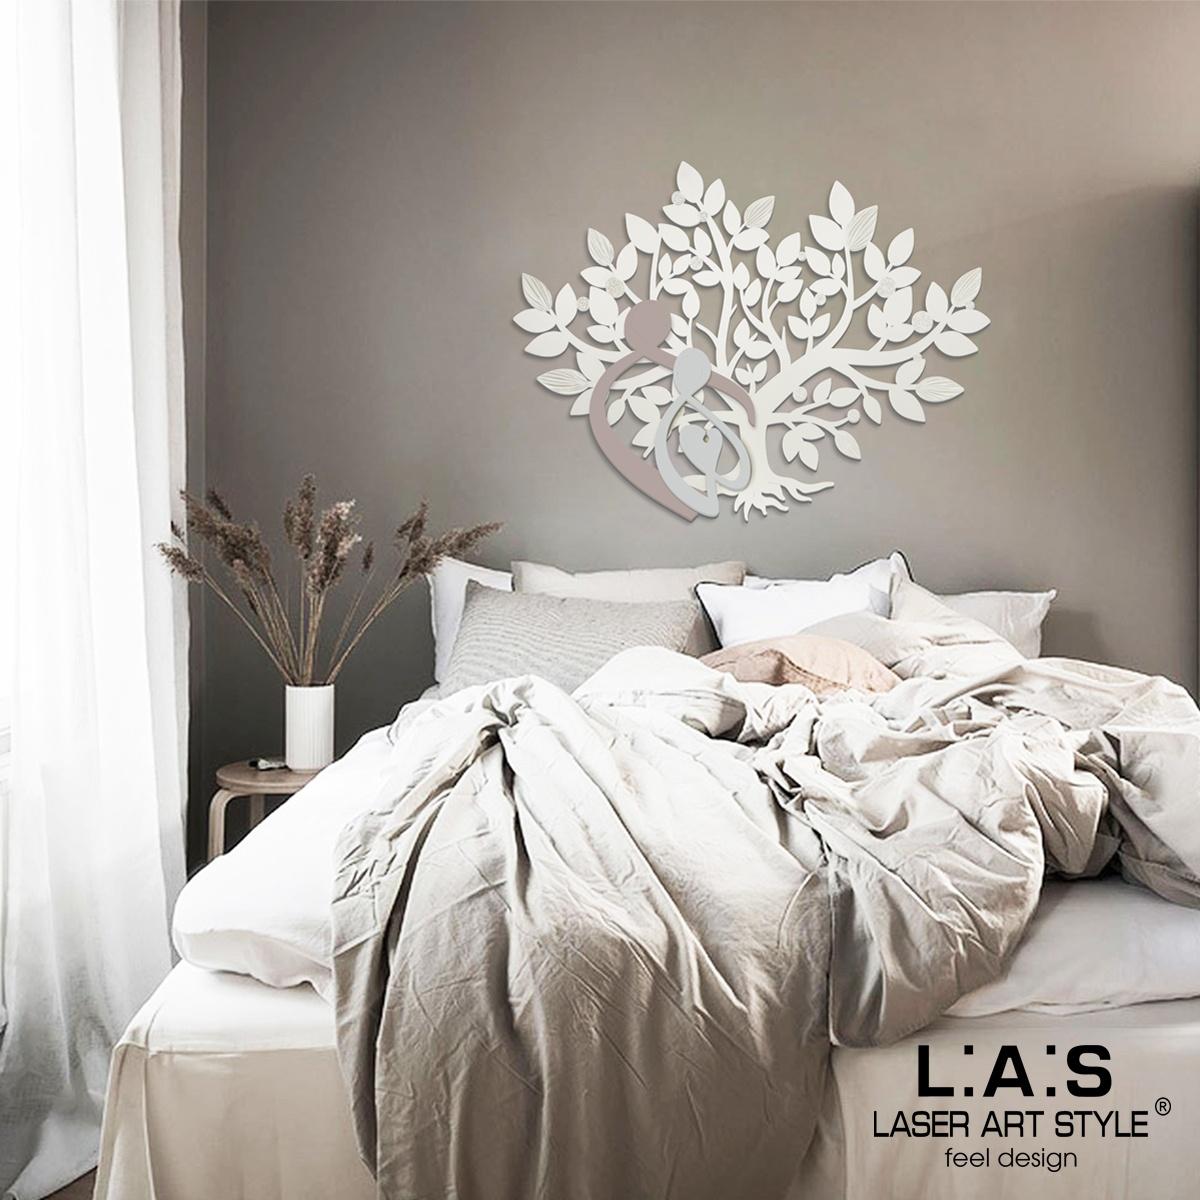 L:A:S - Laser Art Style - ALBERO DELLA VITA – CAPEZZALE – SI-529 PANNA -TORTORA-GRIGIO LUCE